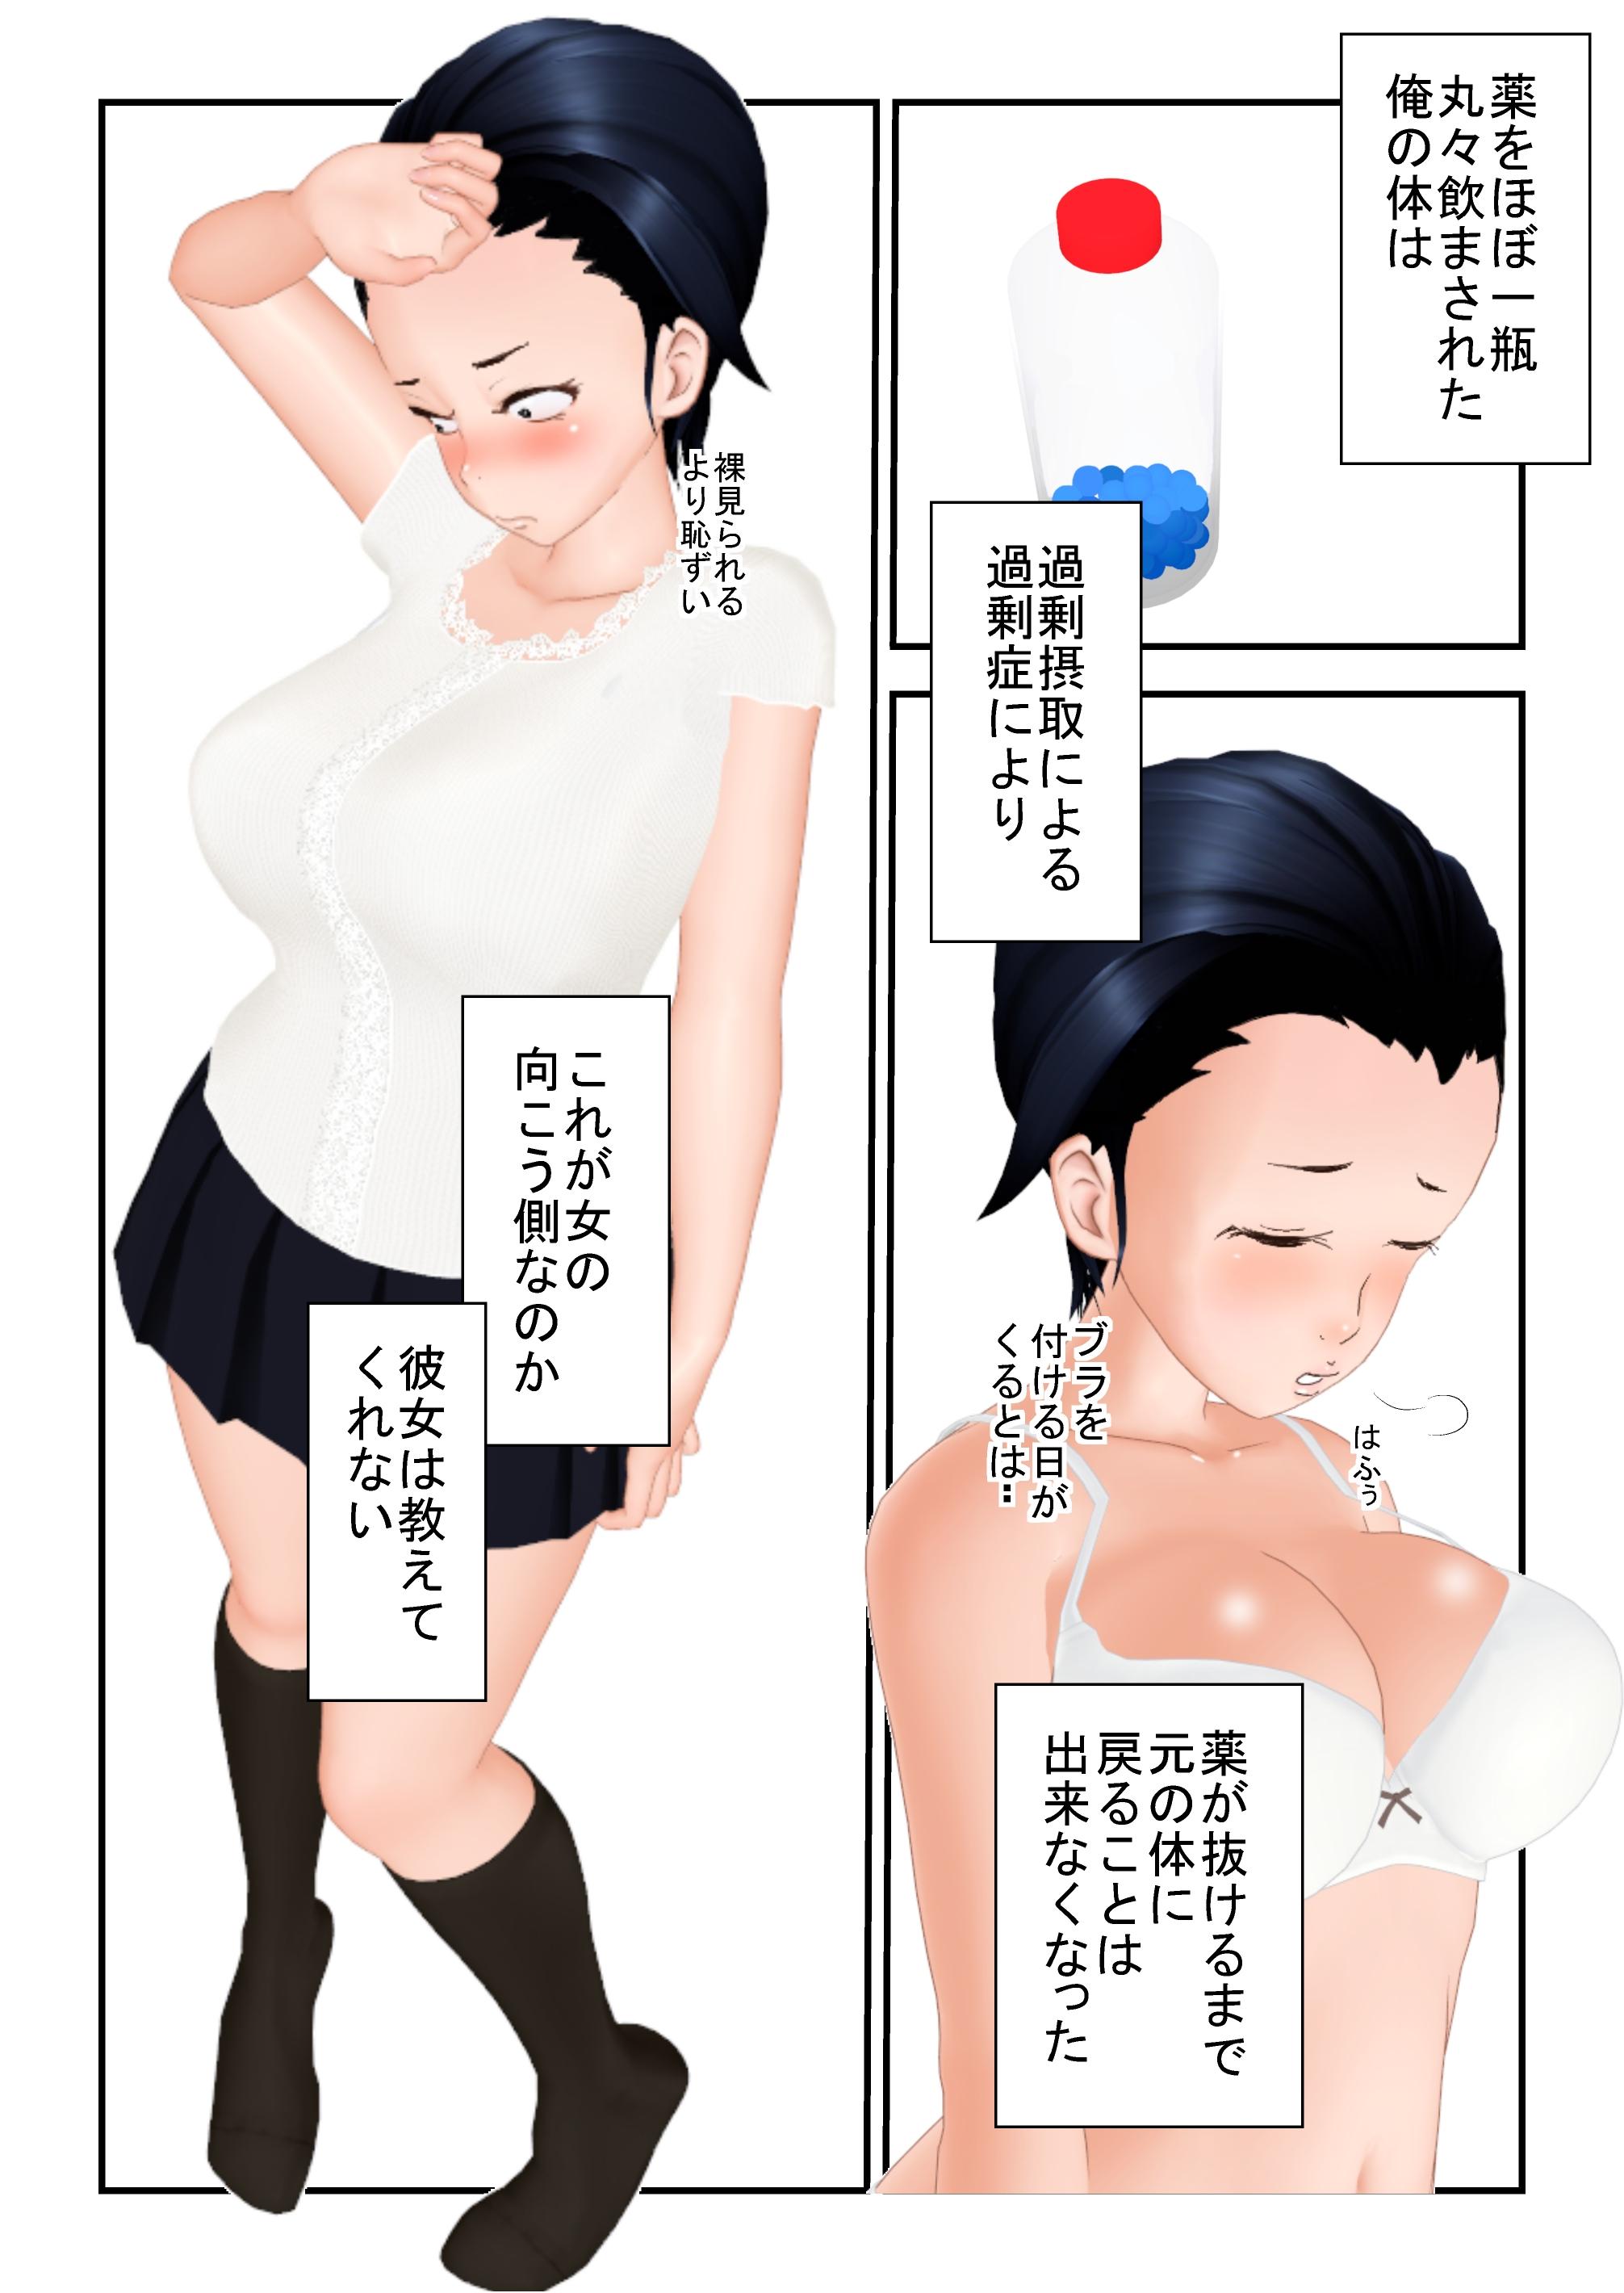 okusuri_0008.jpg